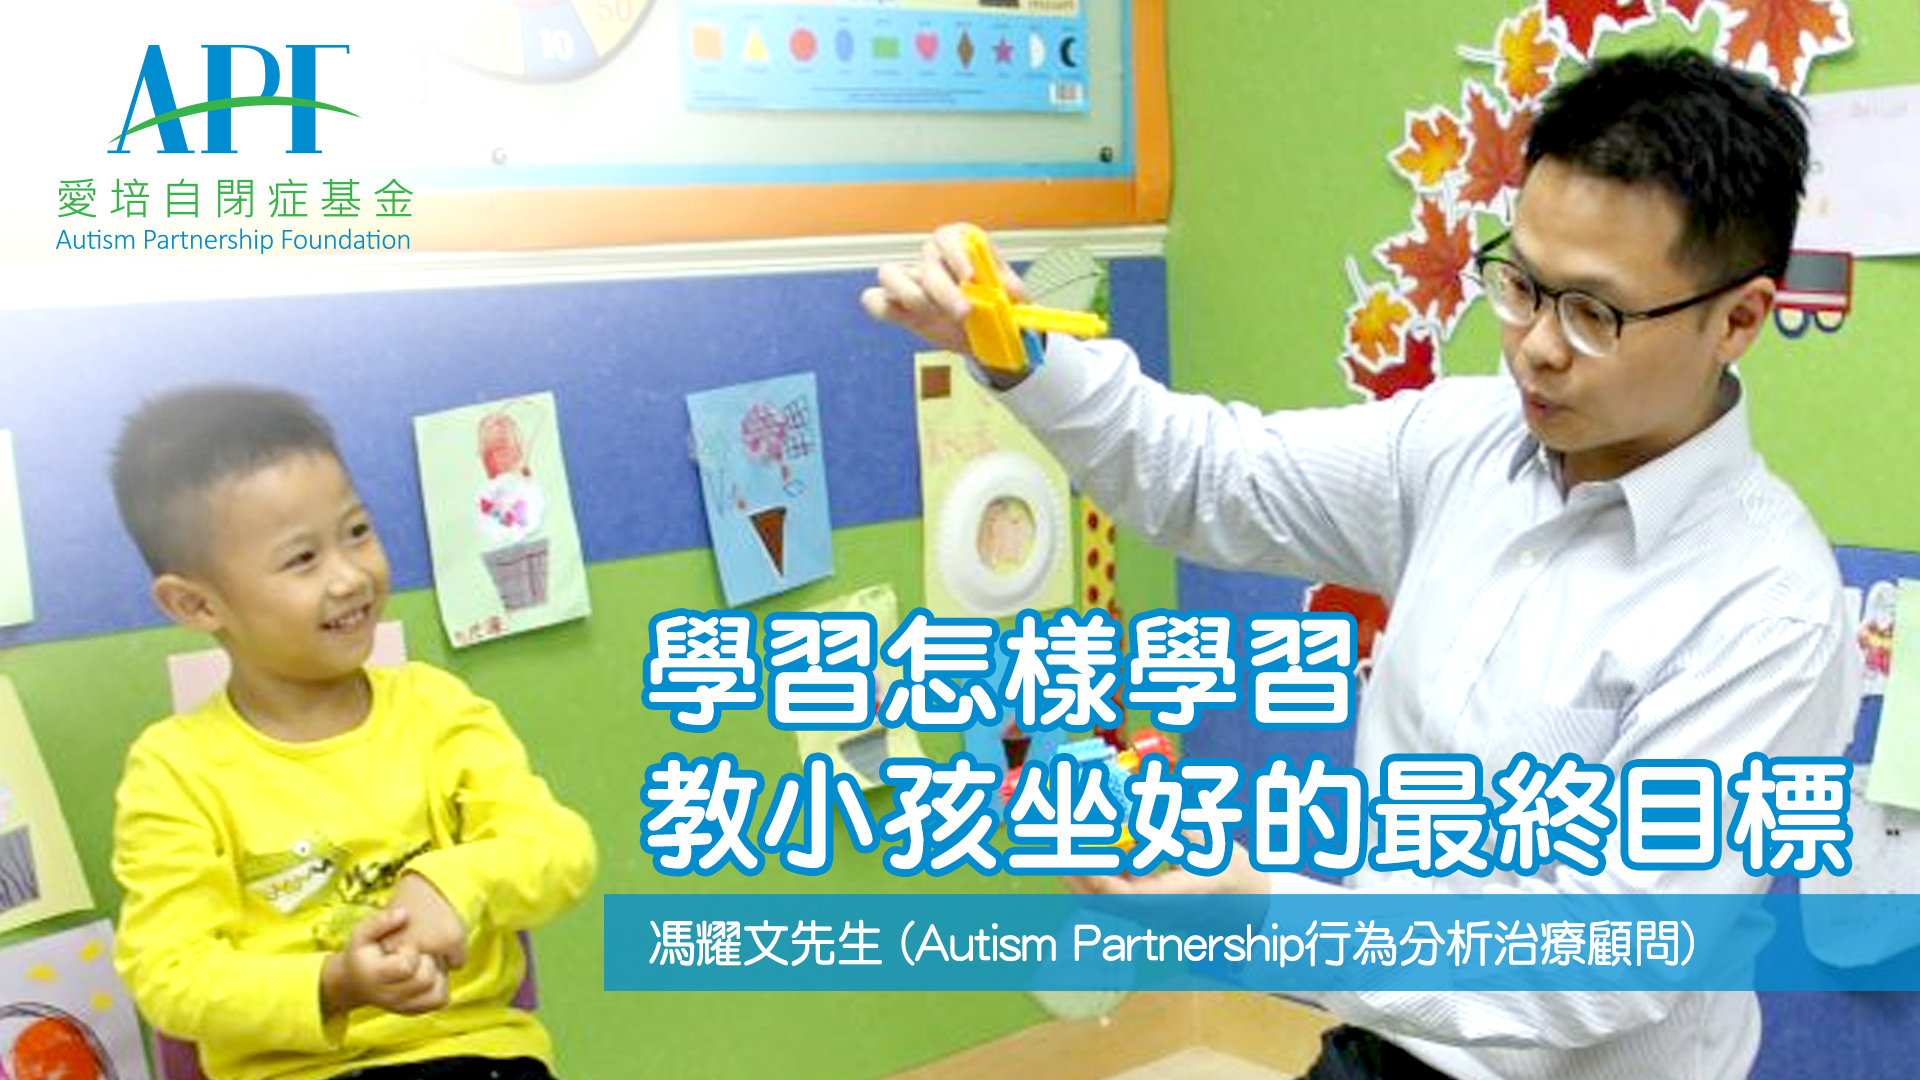 autismpartnership_article_raymond_%e6%95%99%e5%b0%8f%e5%ad%a9%e5%9d%90%e5%a5%bd%e7%9a%84%e6%9c%80%e7%b5%82%e7%9b%ae%e6%a8%99